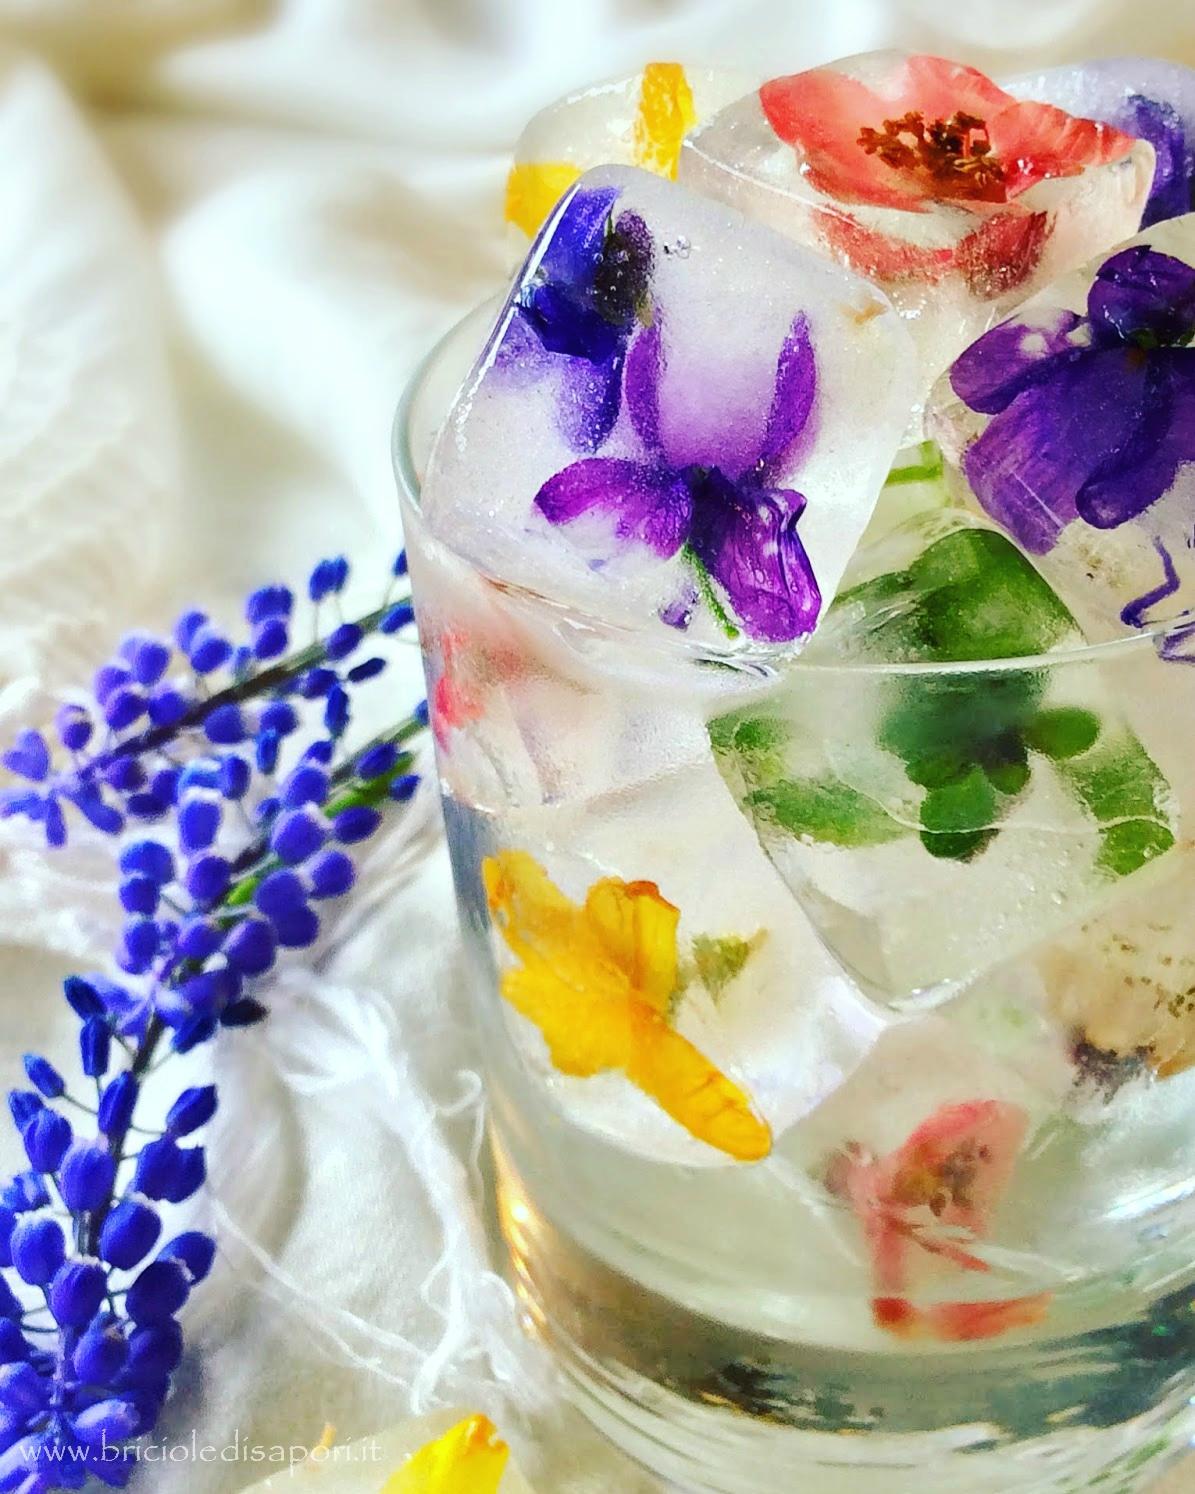 come si fanno i cubetti di ghiaccio con i fiori